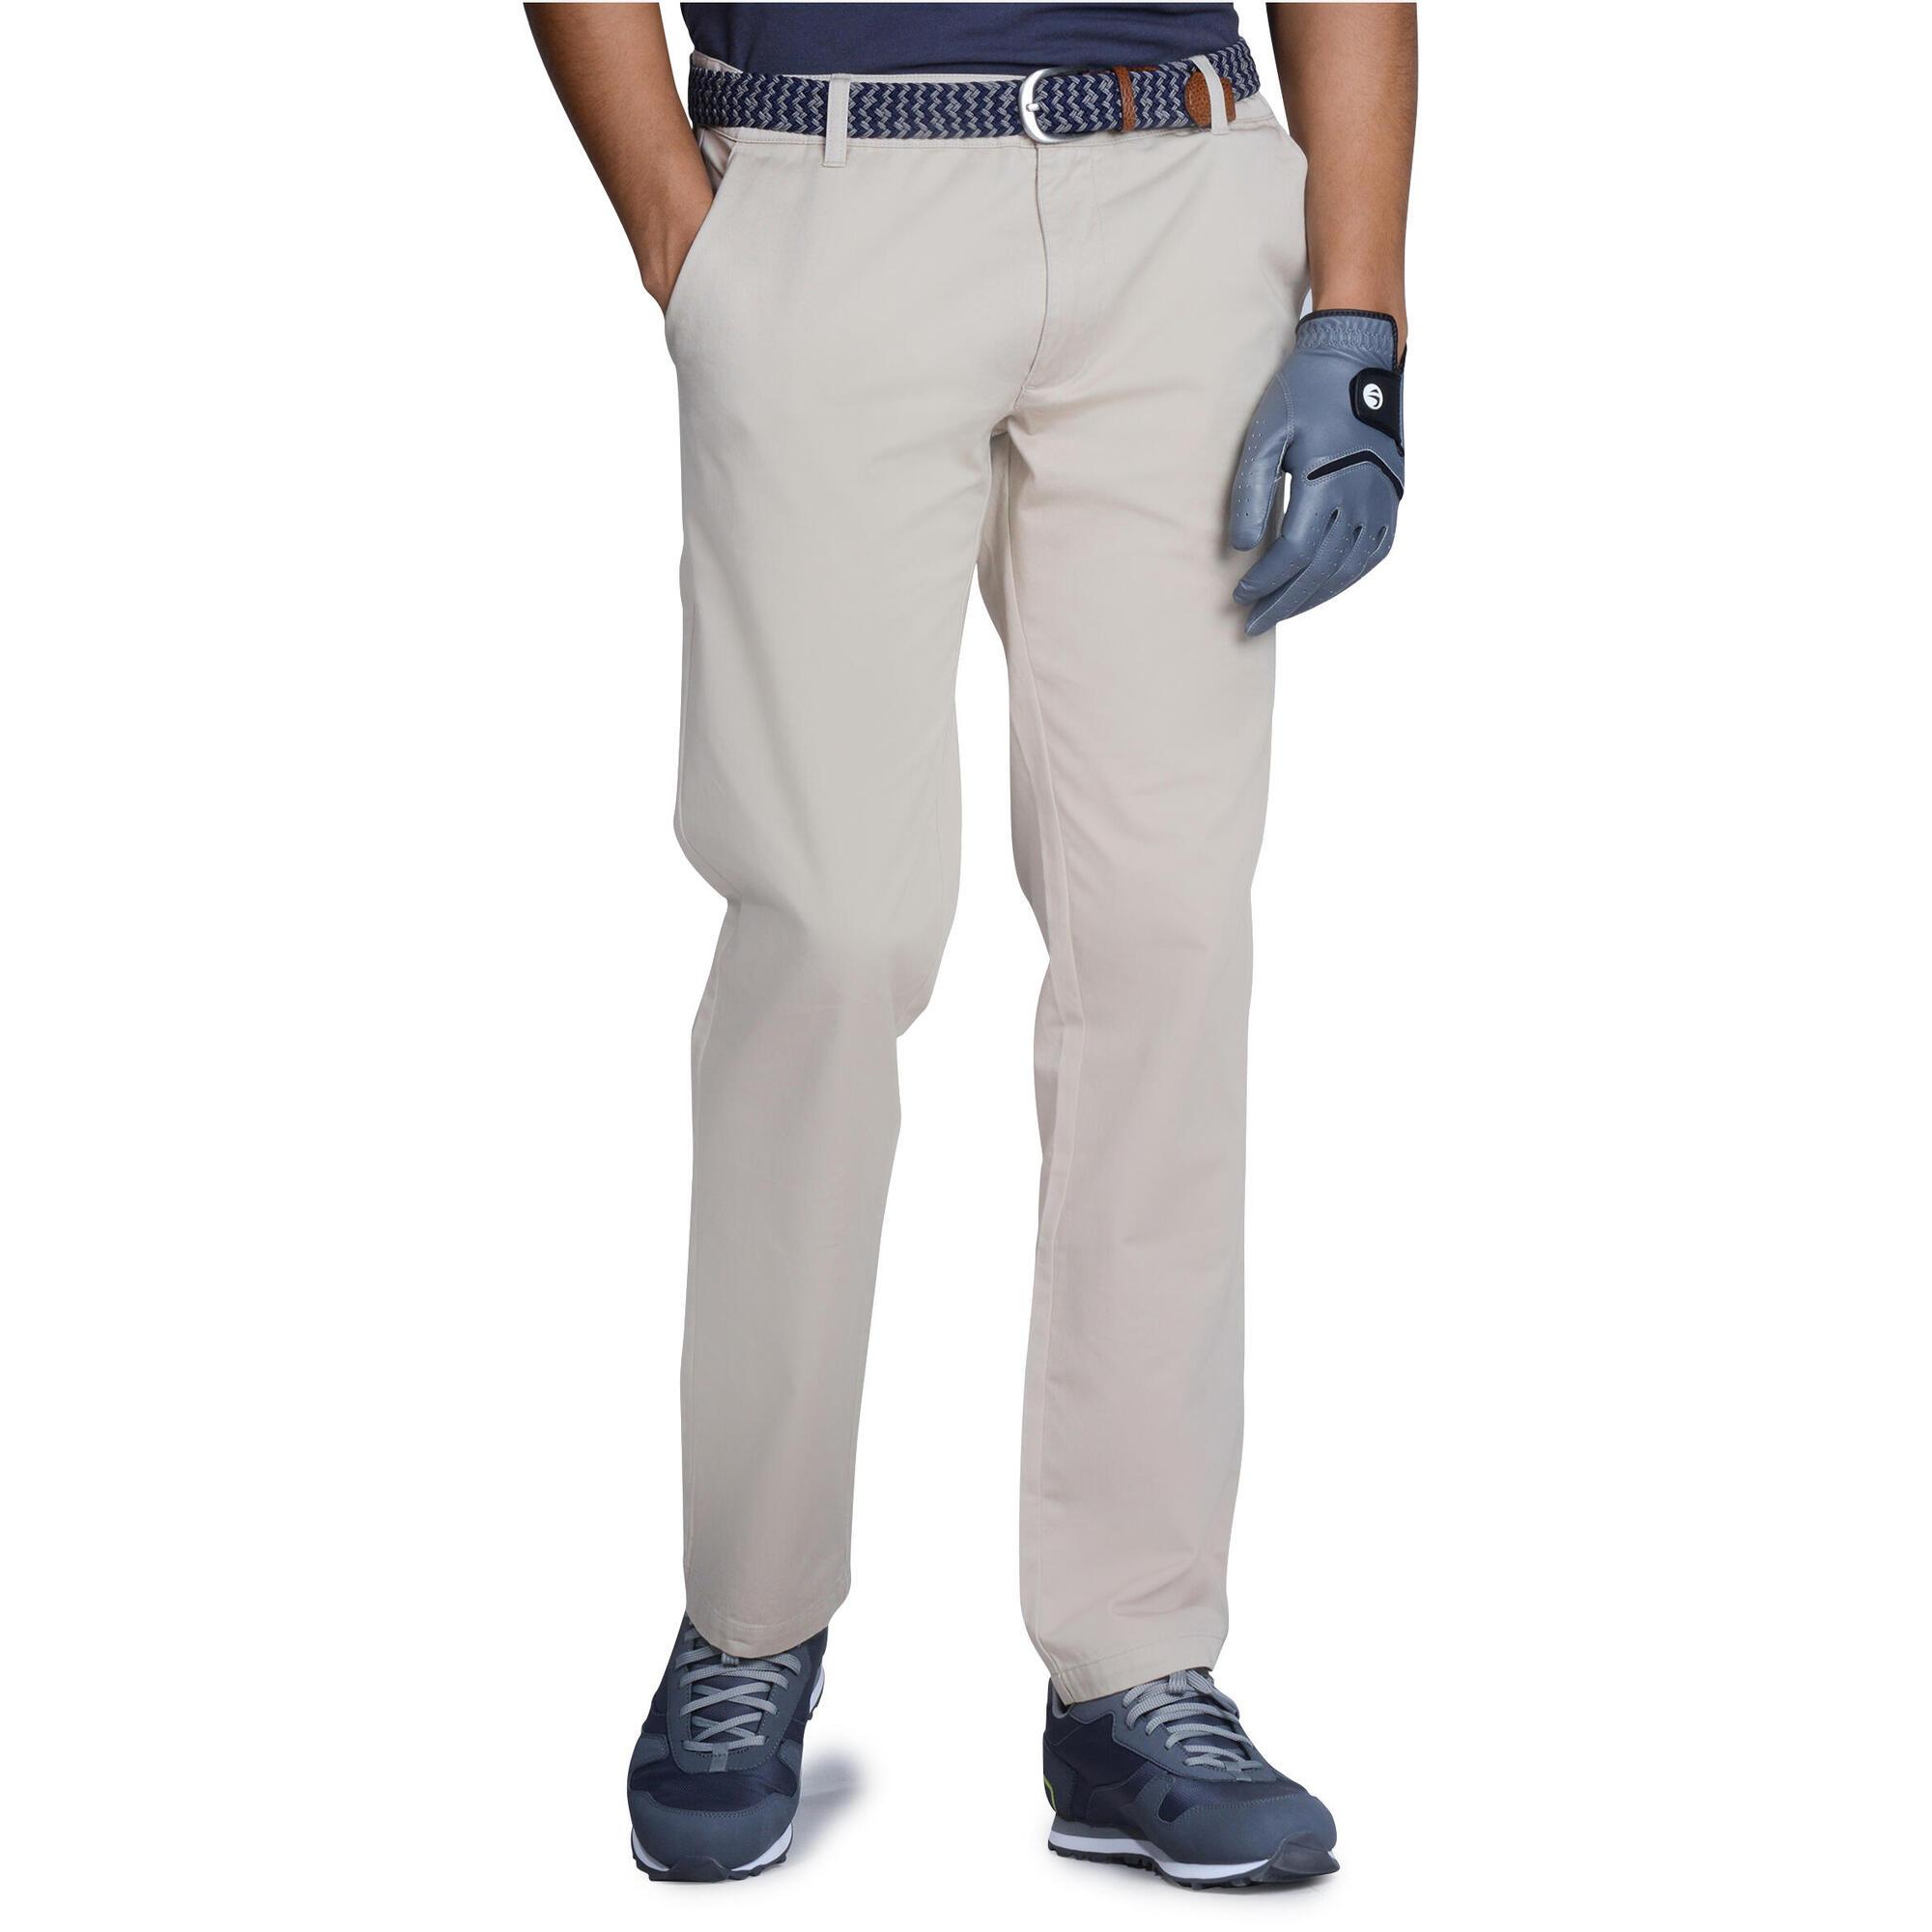 pantalon golf homme 100 beige inesis golf. Black Bedroom Furniture Sets. Home Design Ideas